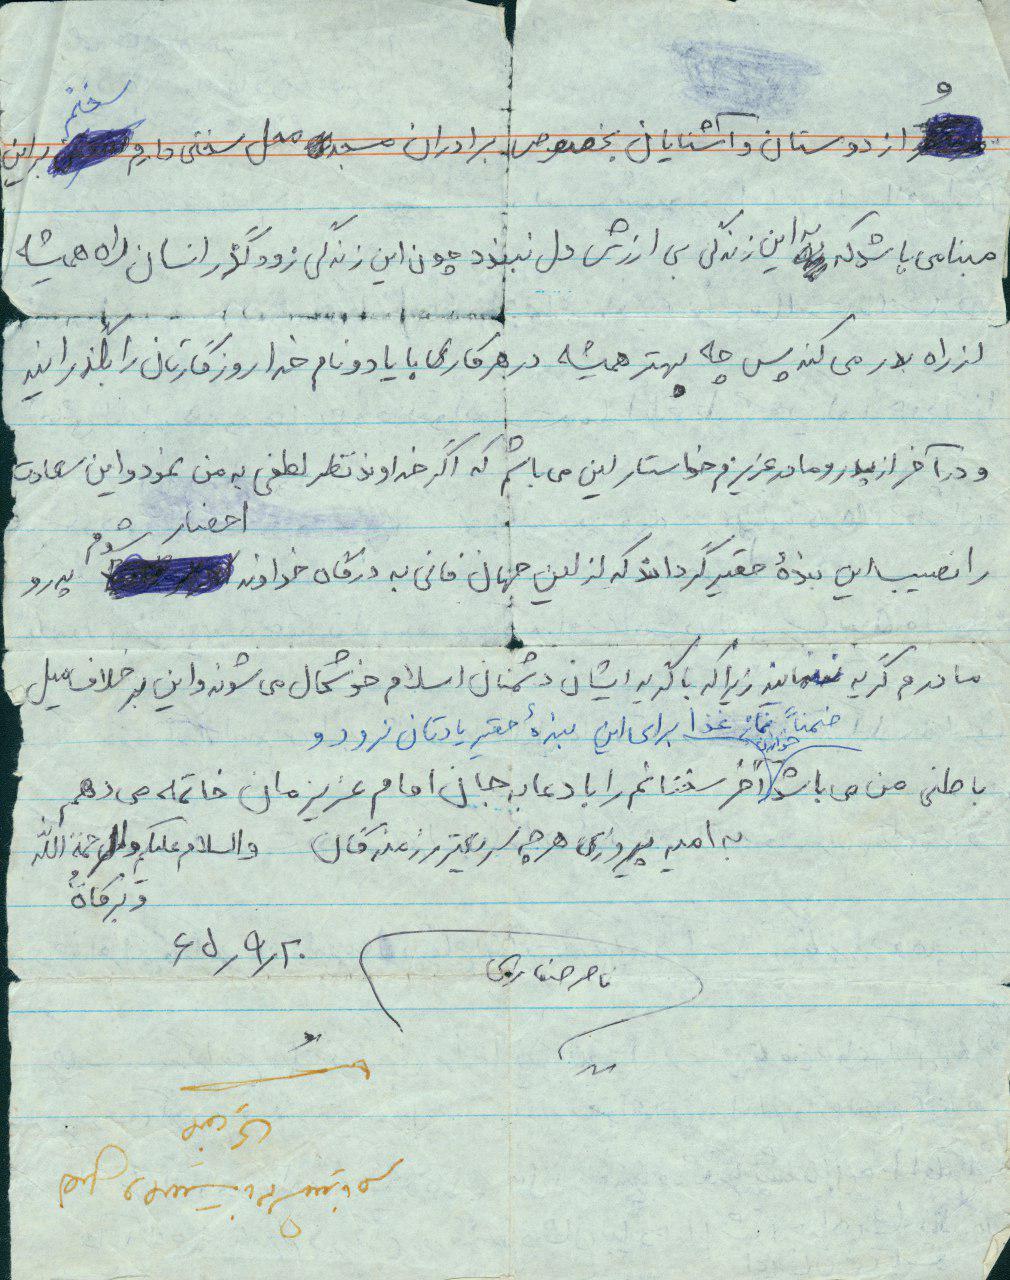 وصیتنامه شهید ناصر صفاری/ برادران و دو خواهرم در سختیها و مشقتها پشتیبان خط امام باشند